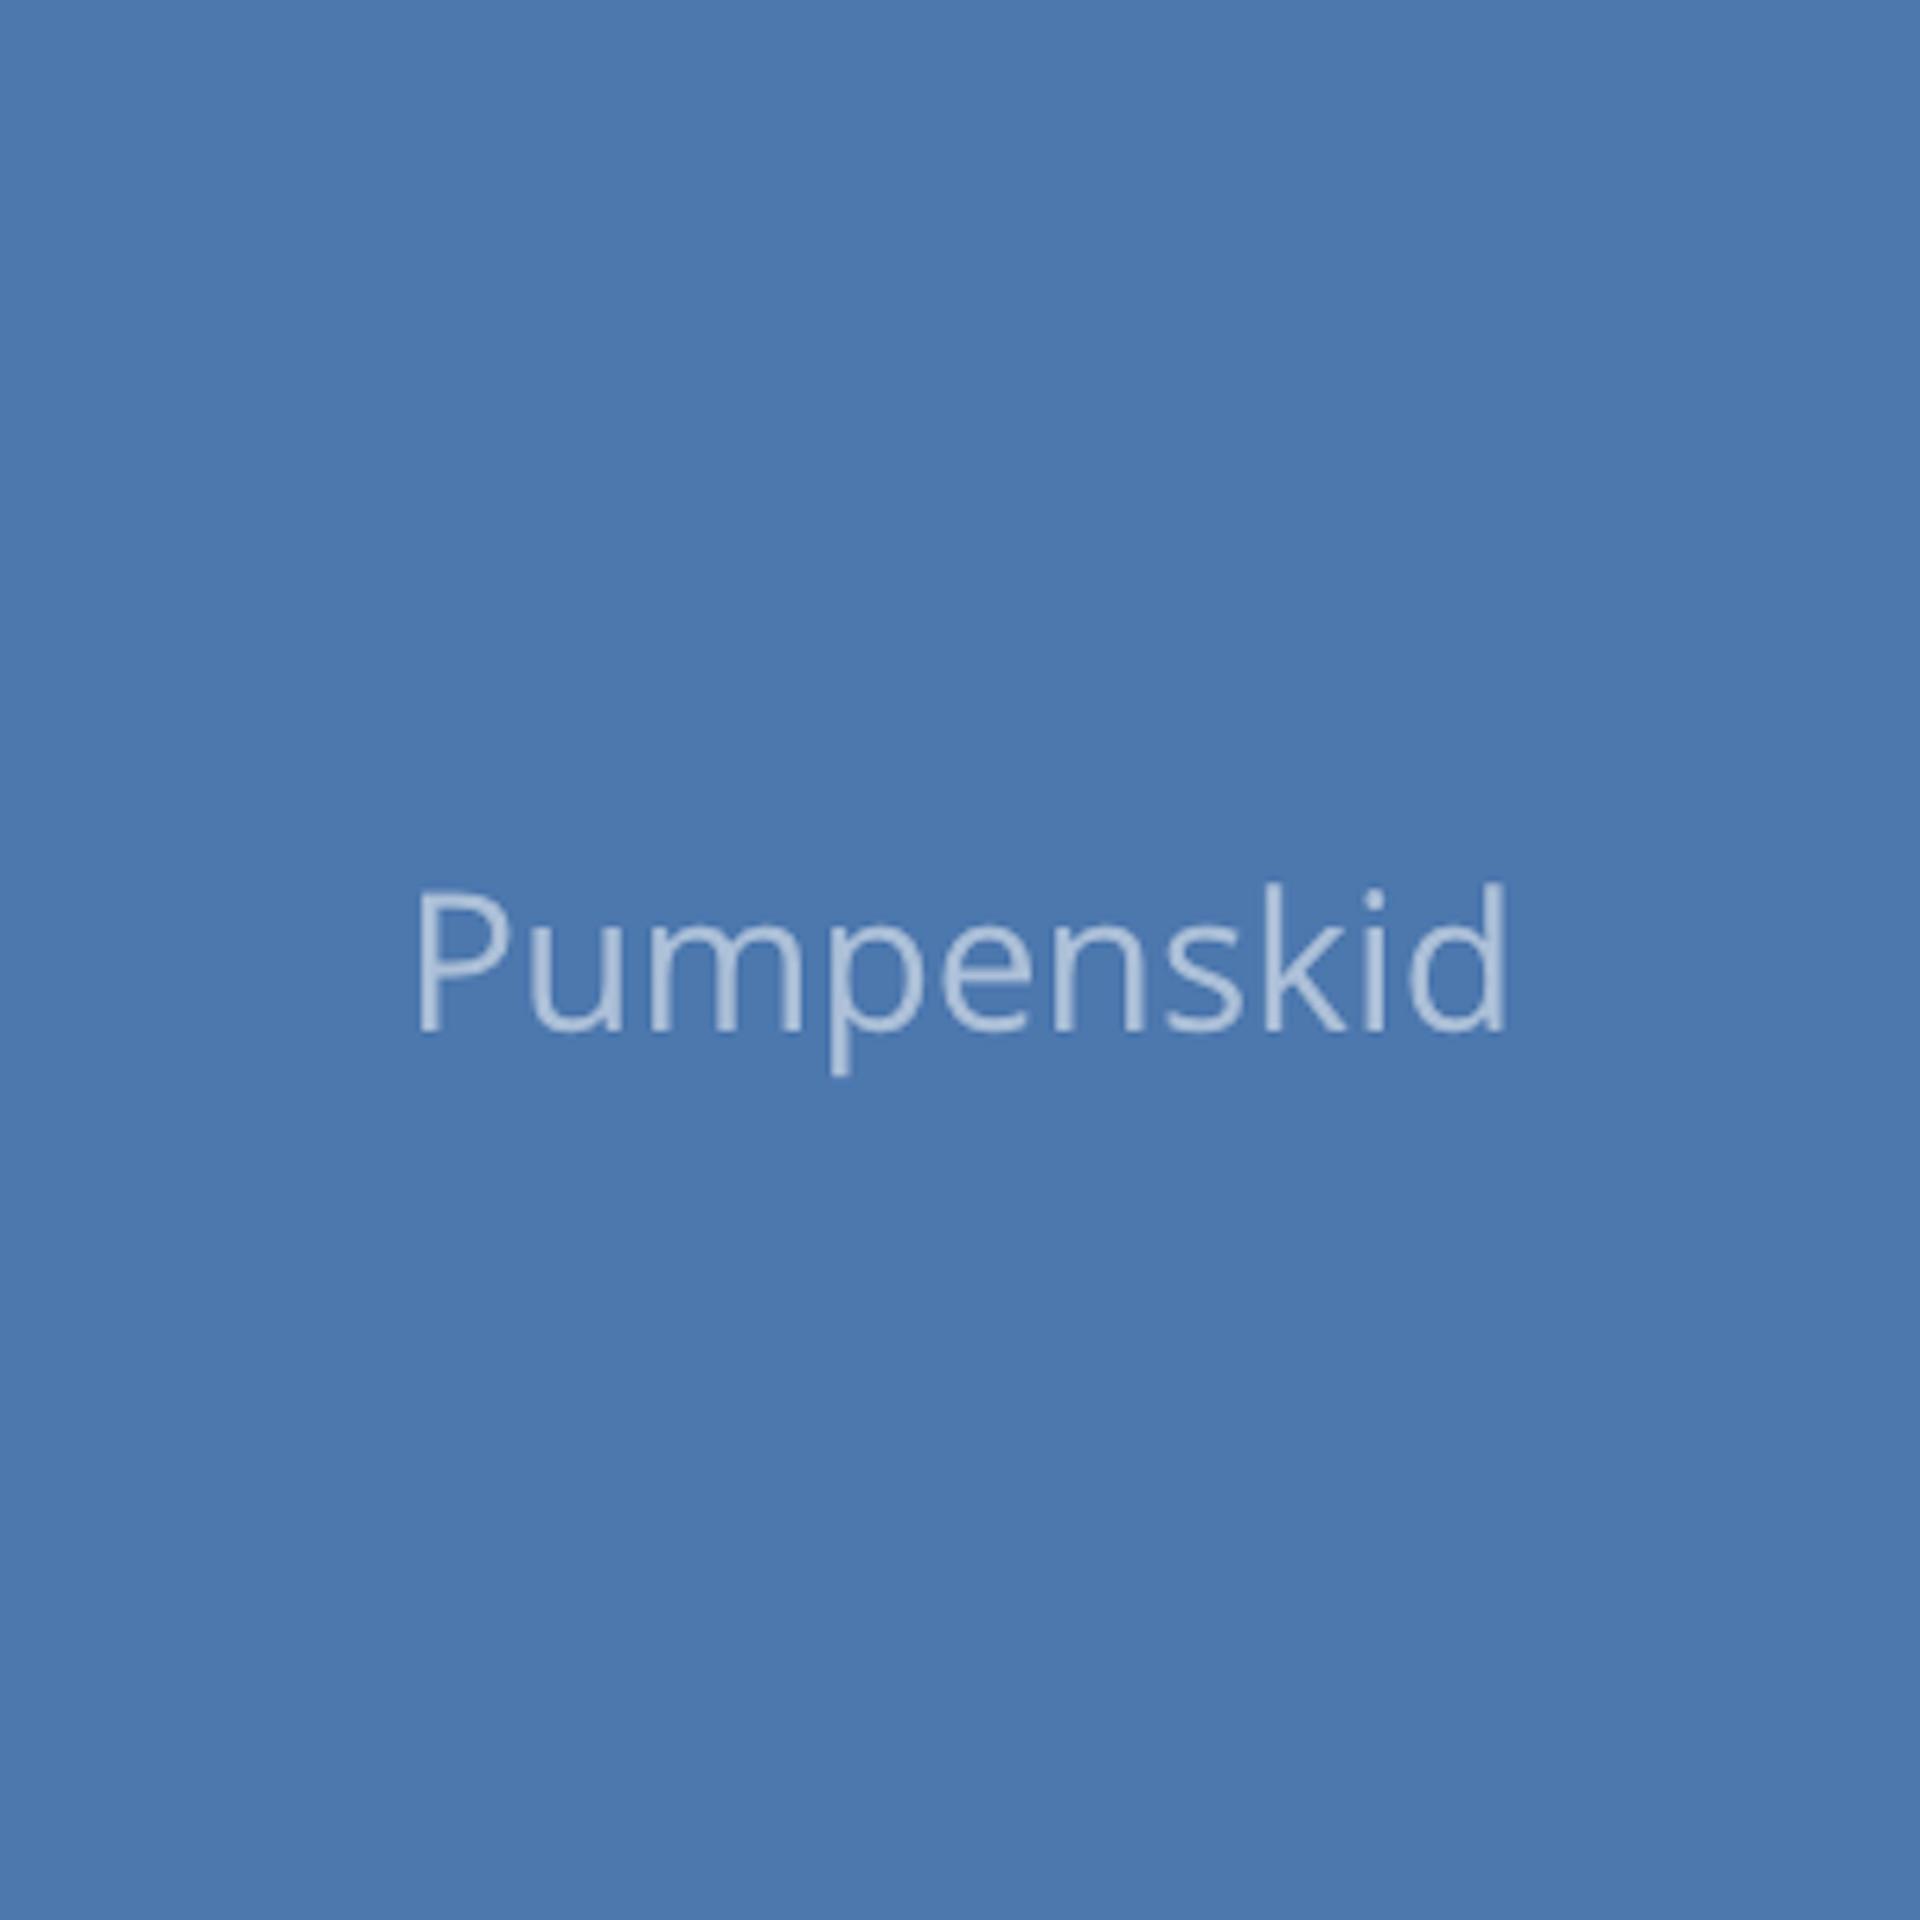 GWA_Pumpenskid_Gesellschaft_fuer_Waerme_und_Anlagentechnik